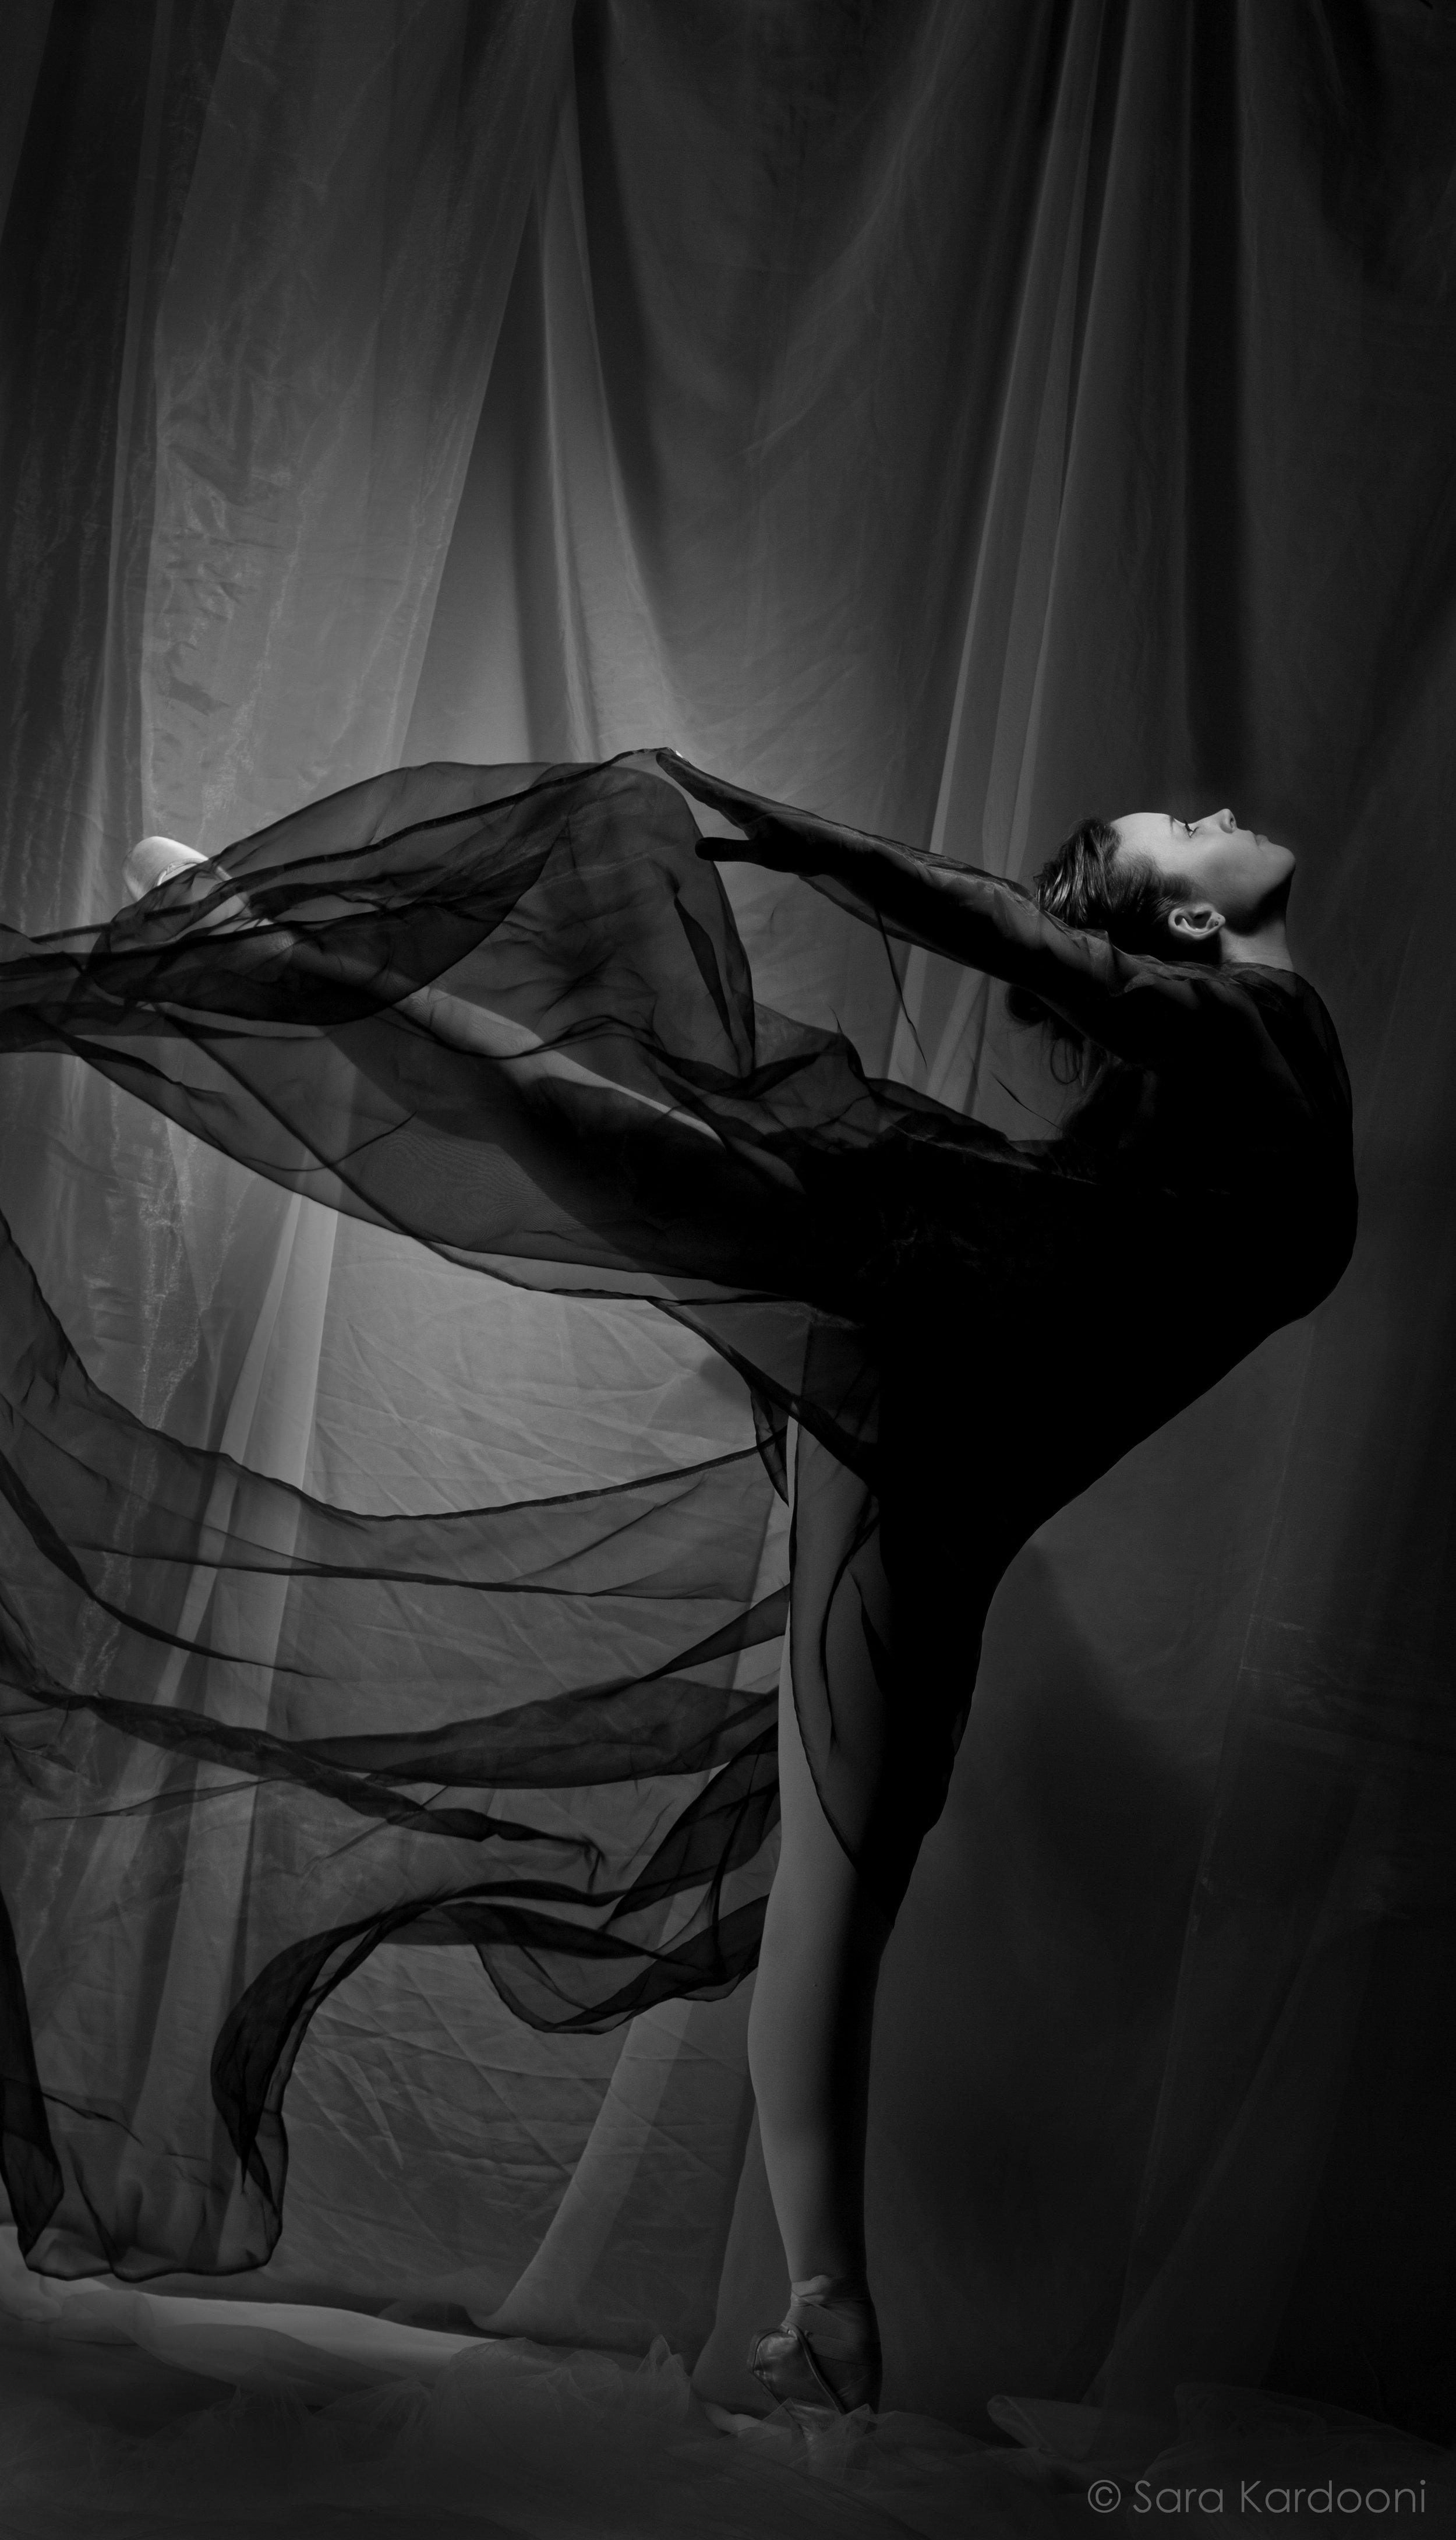 Sarah Hopkin   Canada's National Ballet School – Summer School  Royal Winnipeg Ballet – Summer School  ÉcoleSupérieure de Ballet du Québec – Summer School  Ryerson University – Dance Program  School of Toronto Dance Theatre – Summer Intensive  ProArteDanza Summer Intensive  Apprentice with Toronto Dance Theatre  (photo: Sara Kardooni)